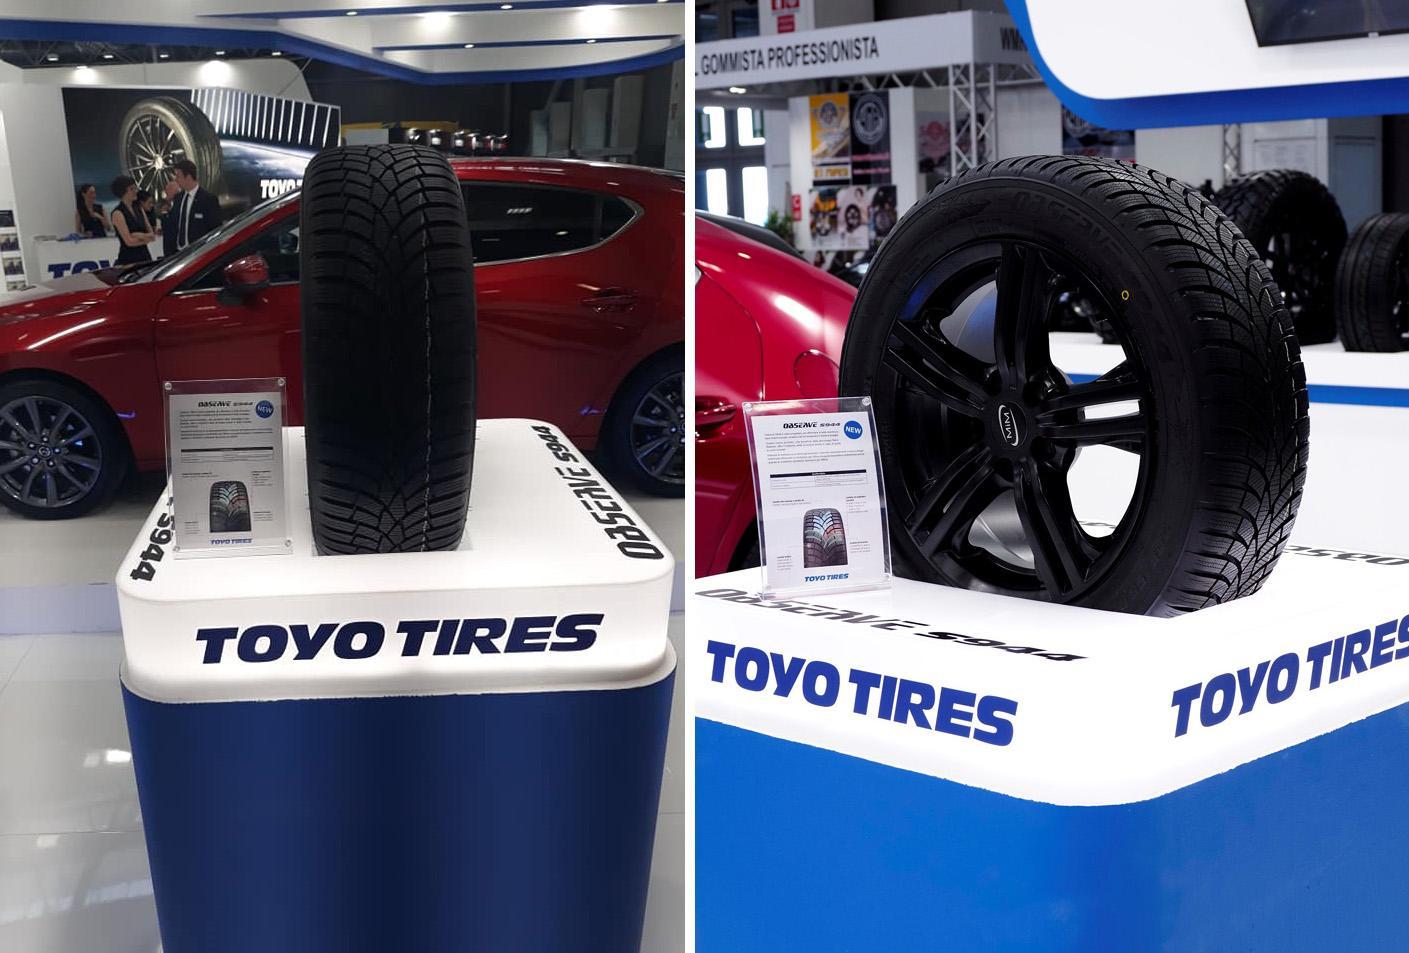 Toyo Tires дебютировала на выставке Autopromotec с новой зимней шиной Observe S944